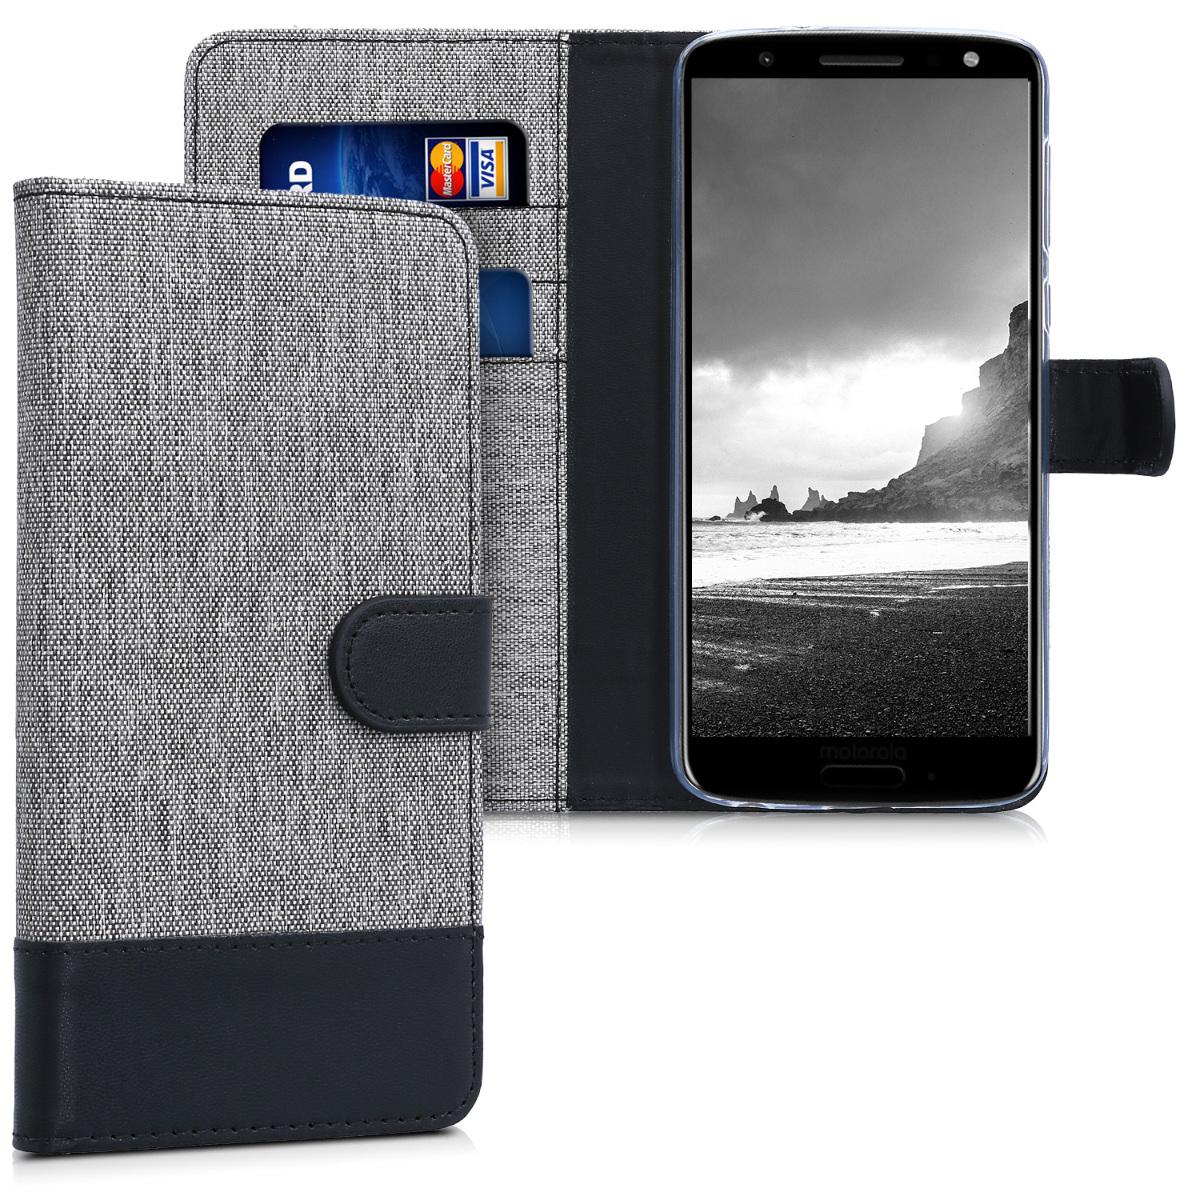 KW Θήκη Πορτοφόλι Motorola Moto G6 - Grey / Black Canvas (44603.01)